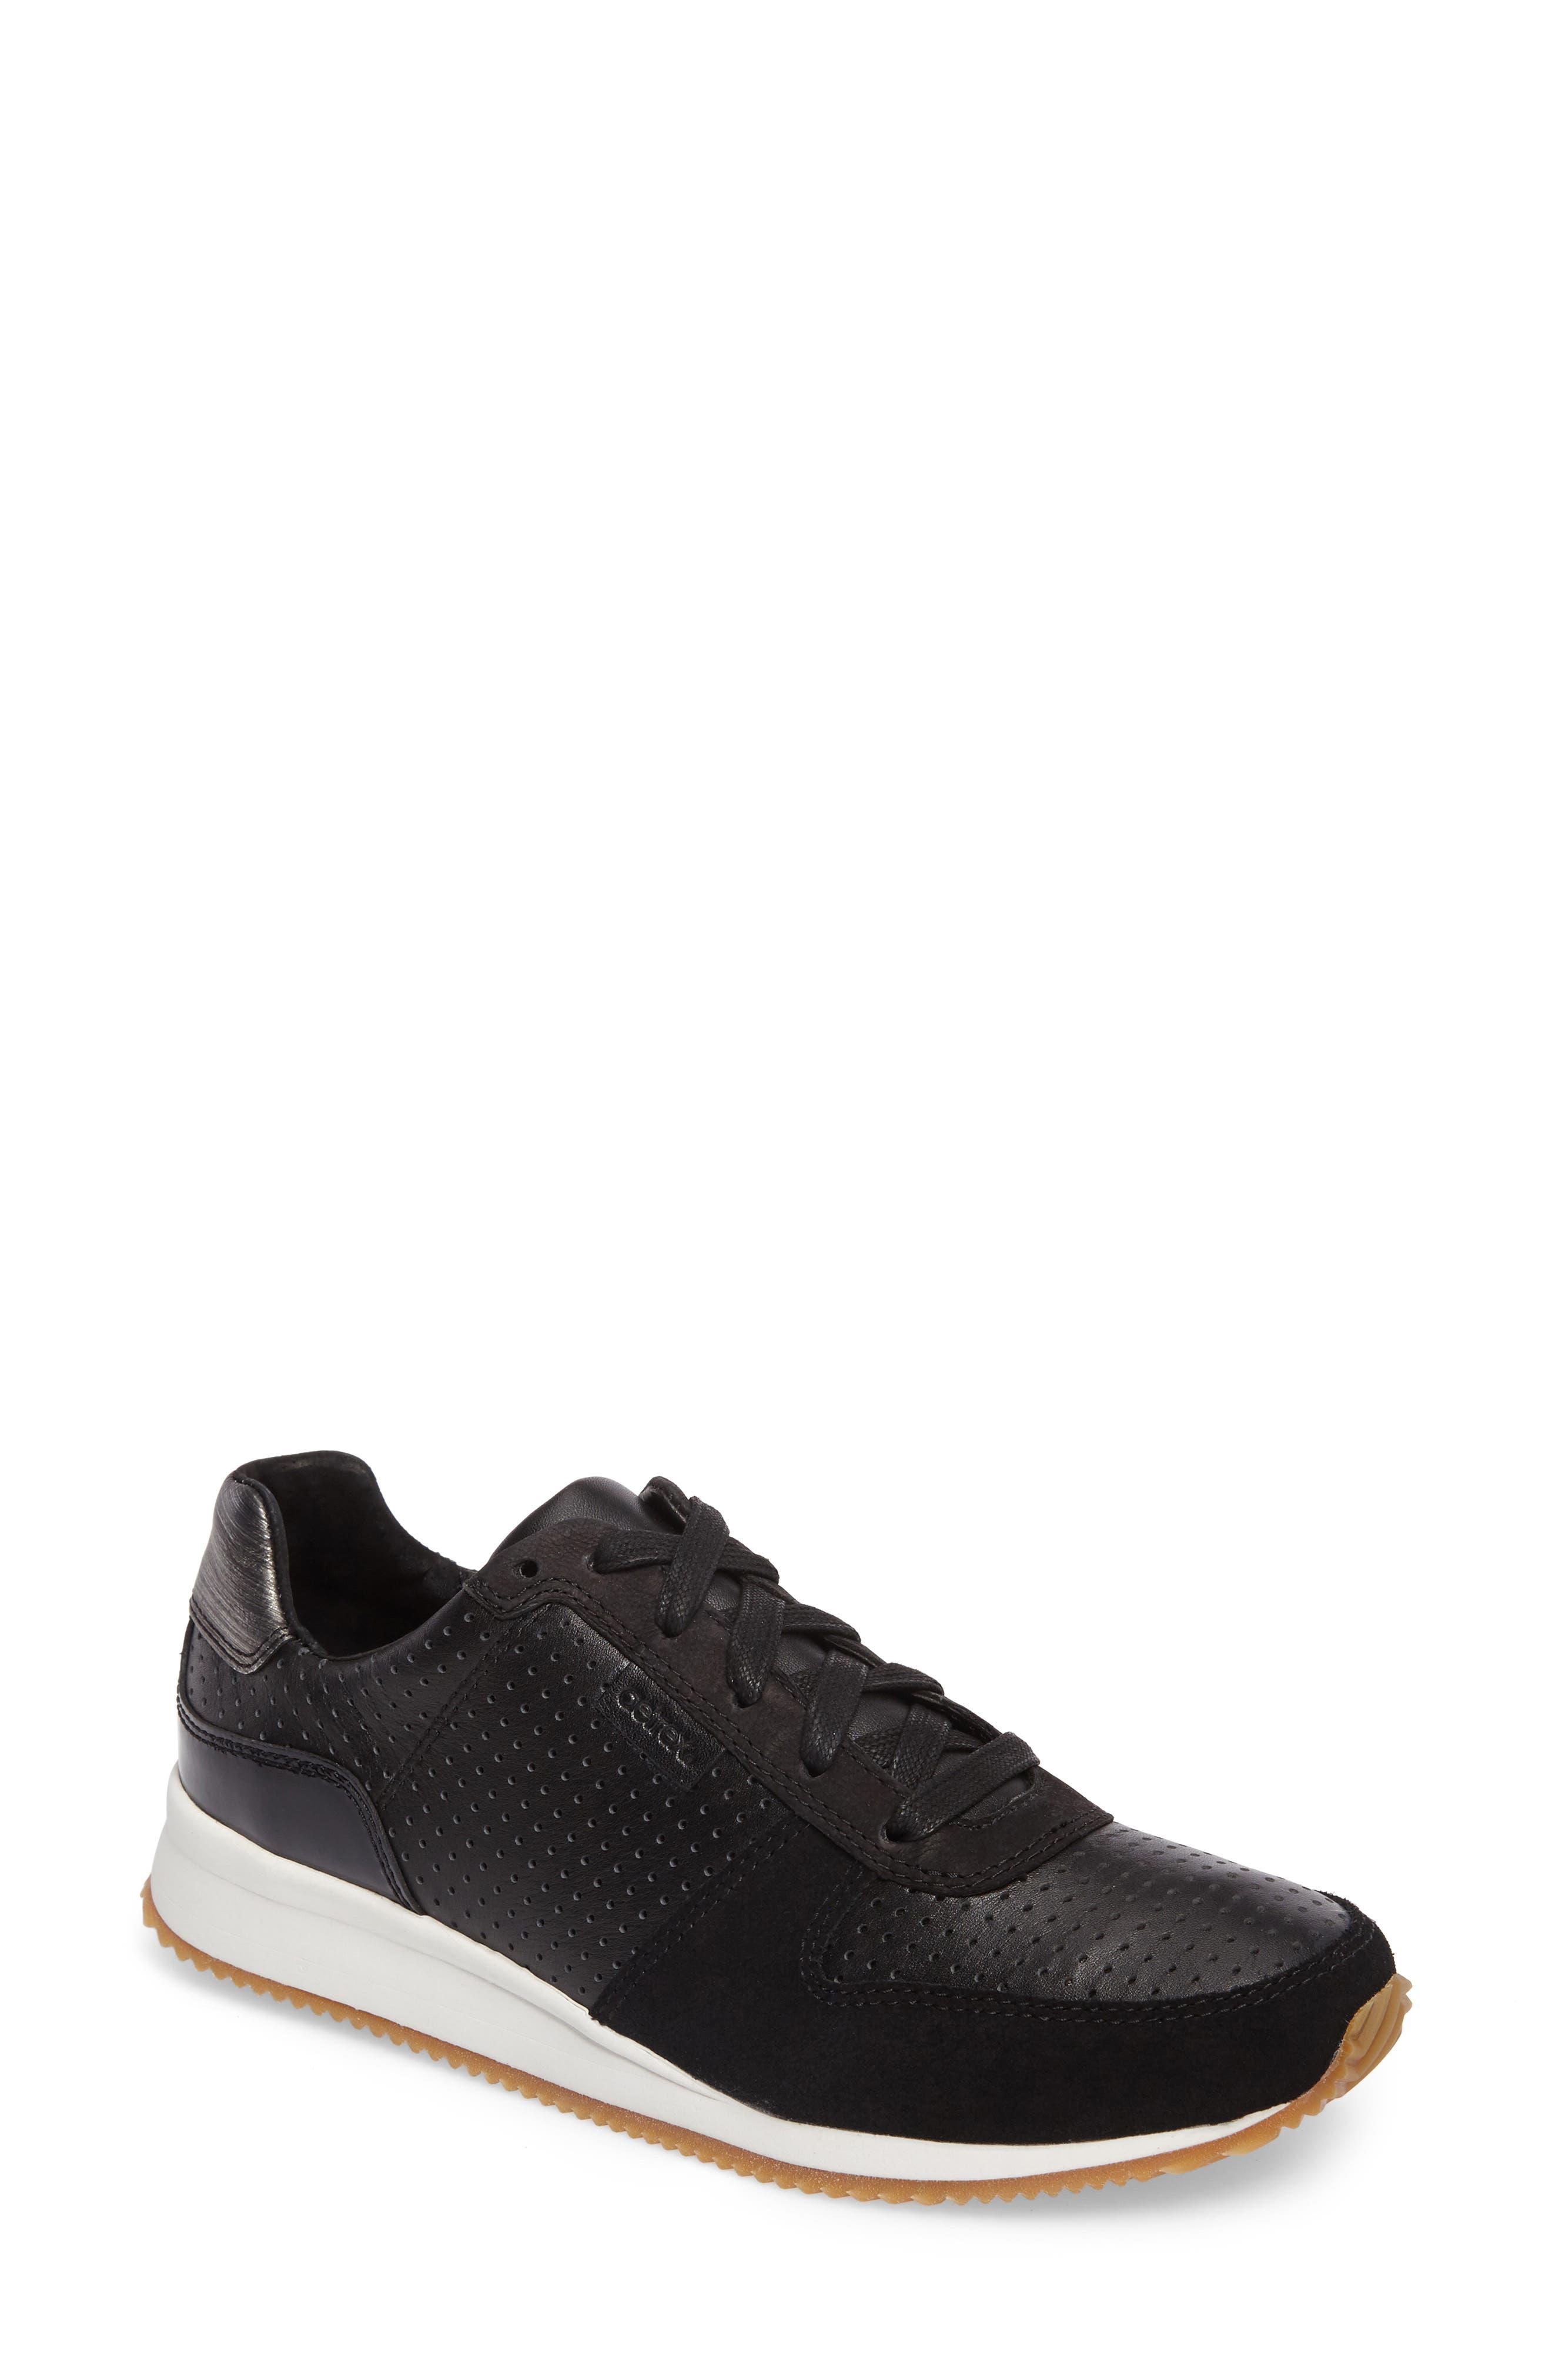 Aetrex Daphne Sneaker (Women)